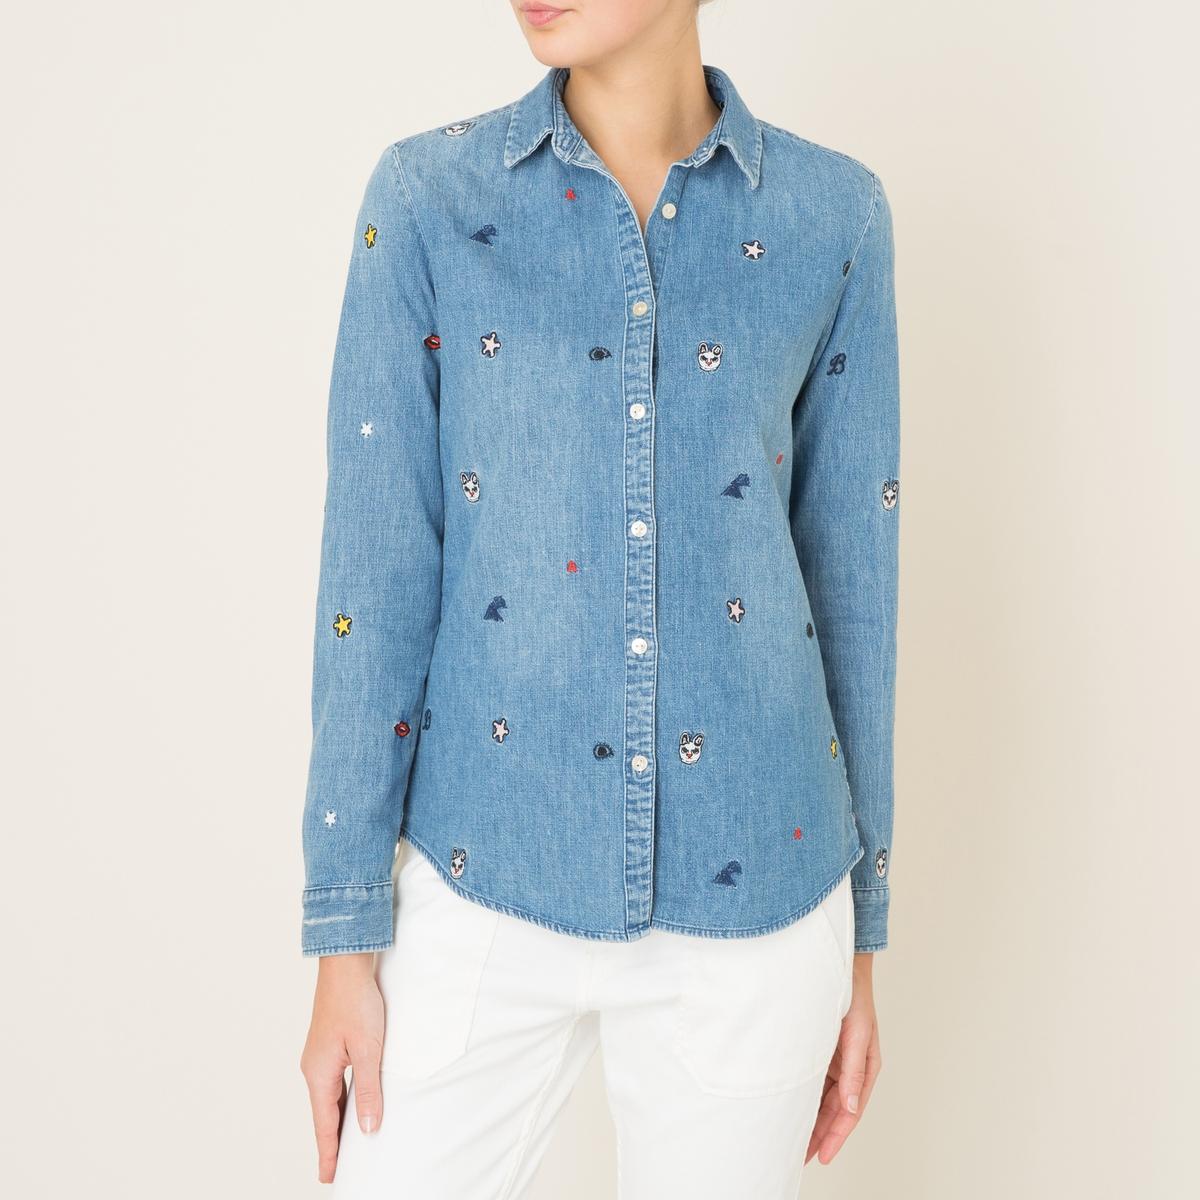 цена  Рубашка джинсовая с нашивками  онлайн в 2017 году